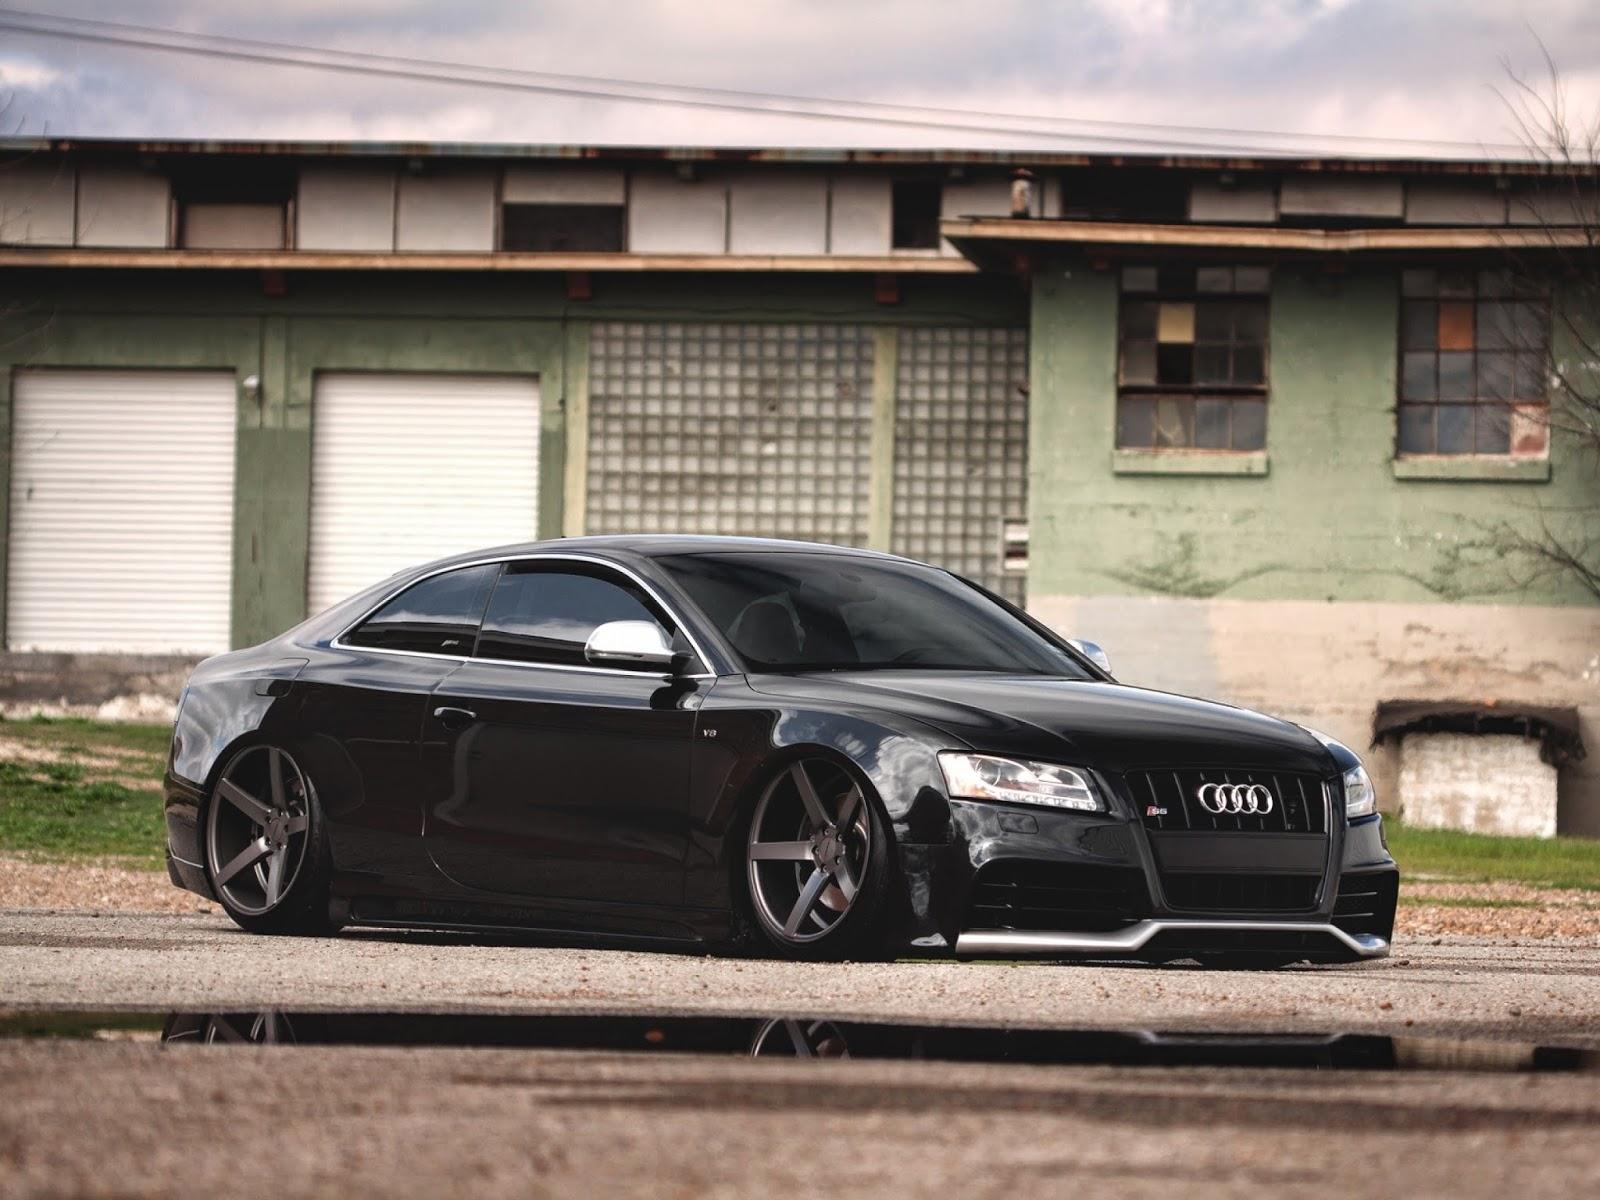 49 Audi S5 Hd Wallpaper On Wallpapersafari